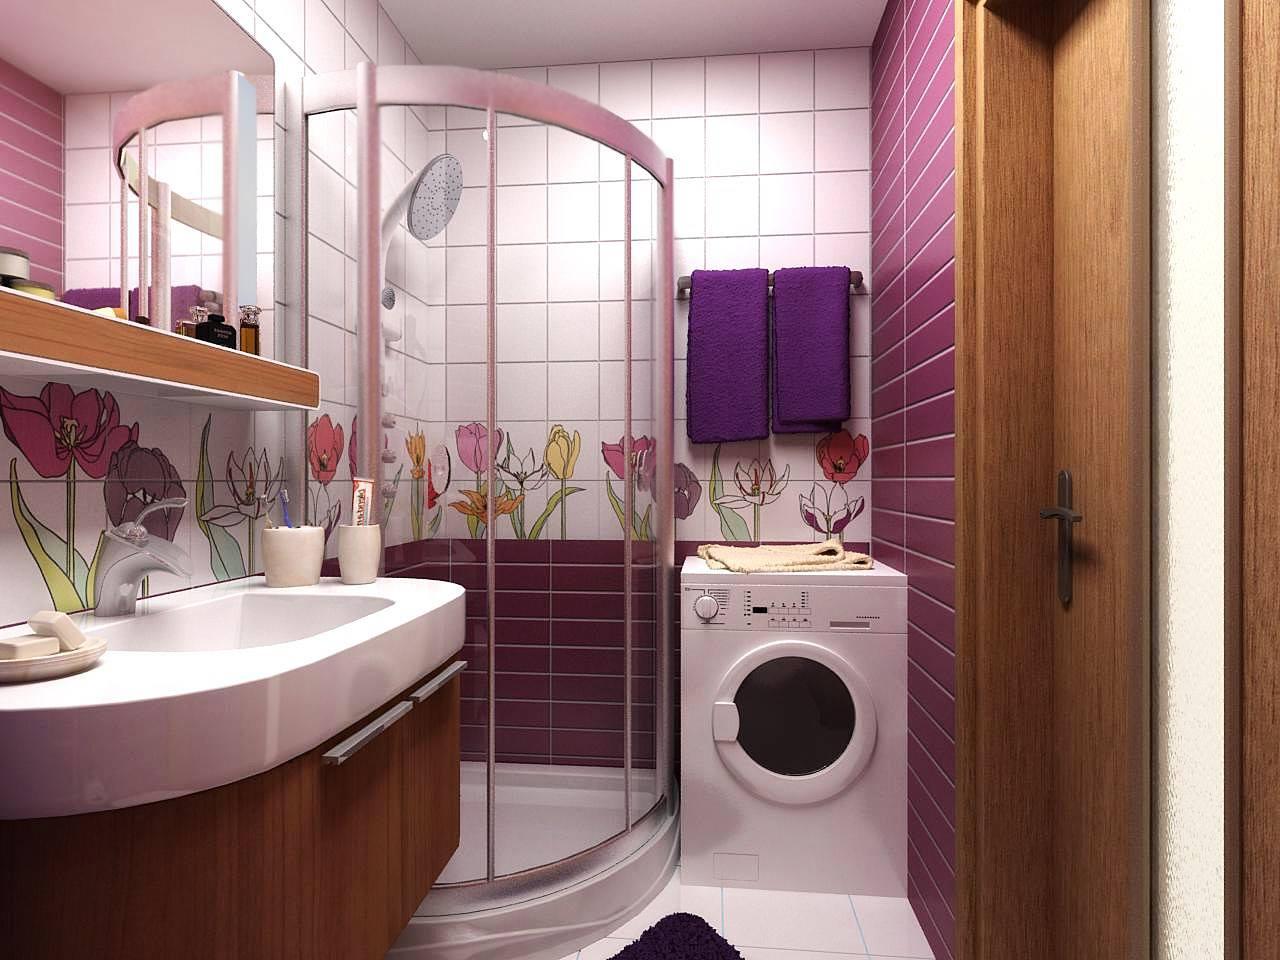 صور ديكورات حمامات جميلة 1 1